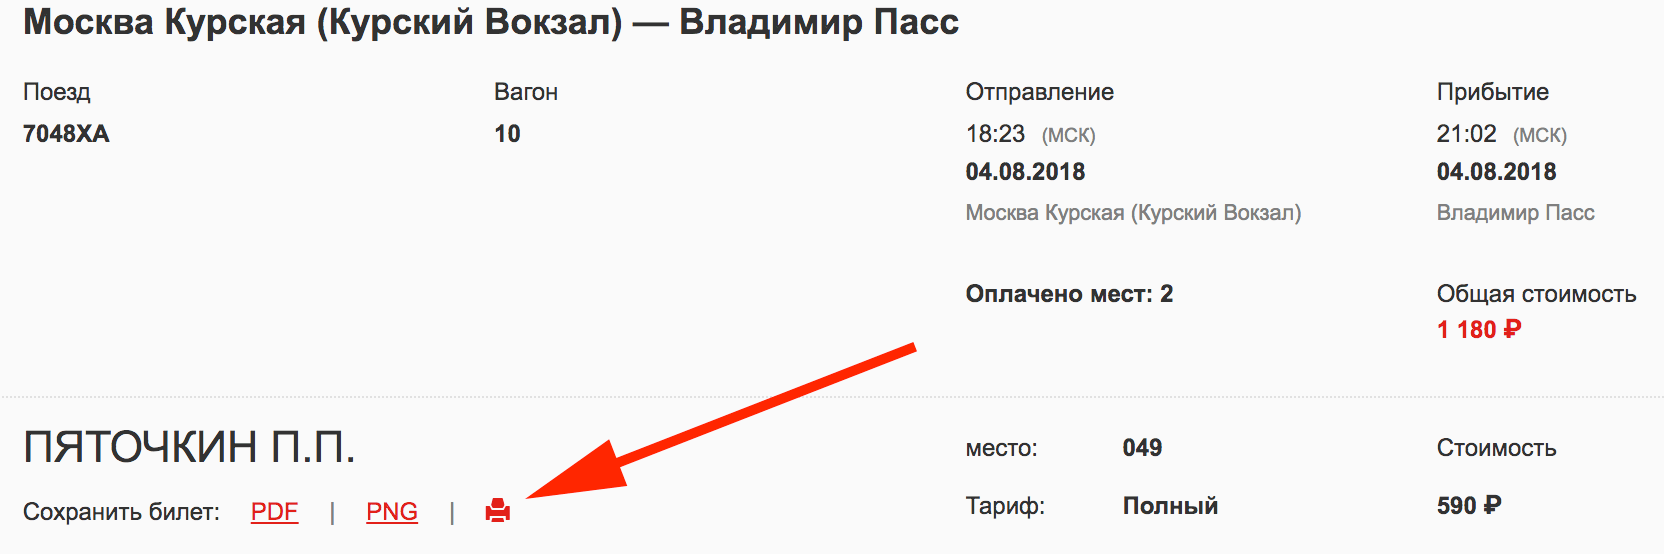 Бронирование и заказ билетов на сайте РЖД - РЖД Билеты ...